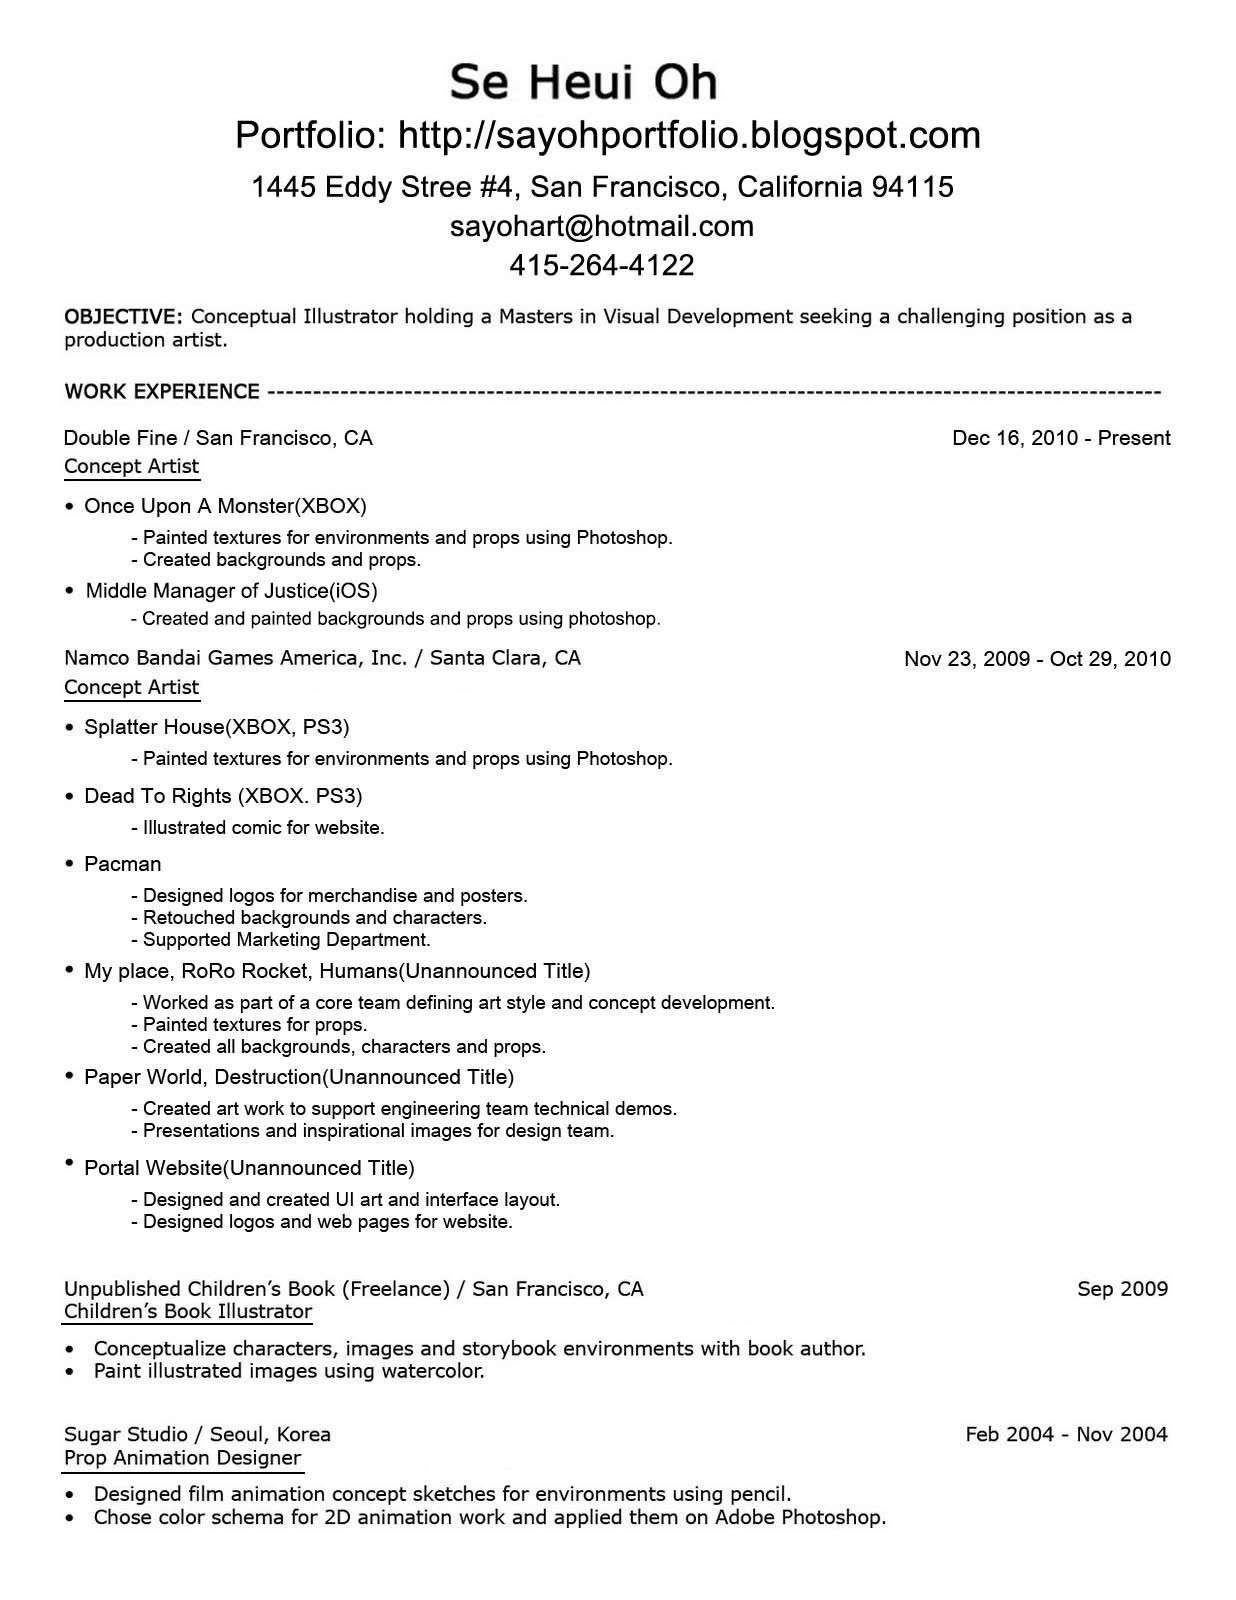 Body Of Resume Cover Letter Journalist Sample Mainframe